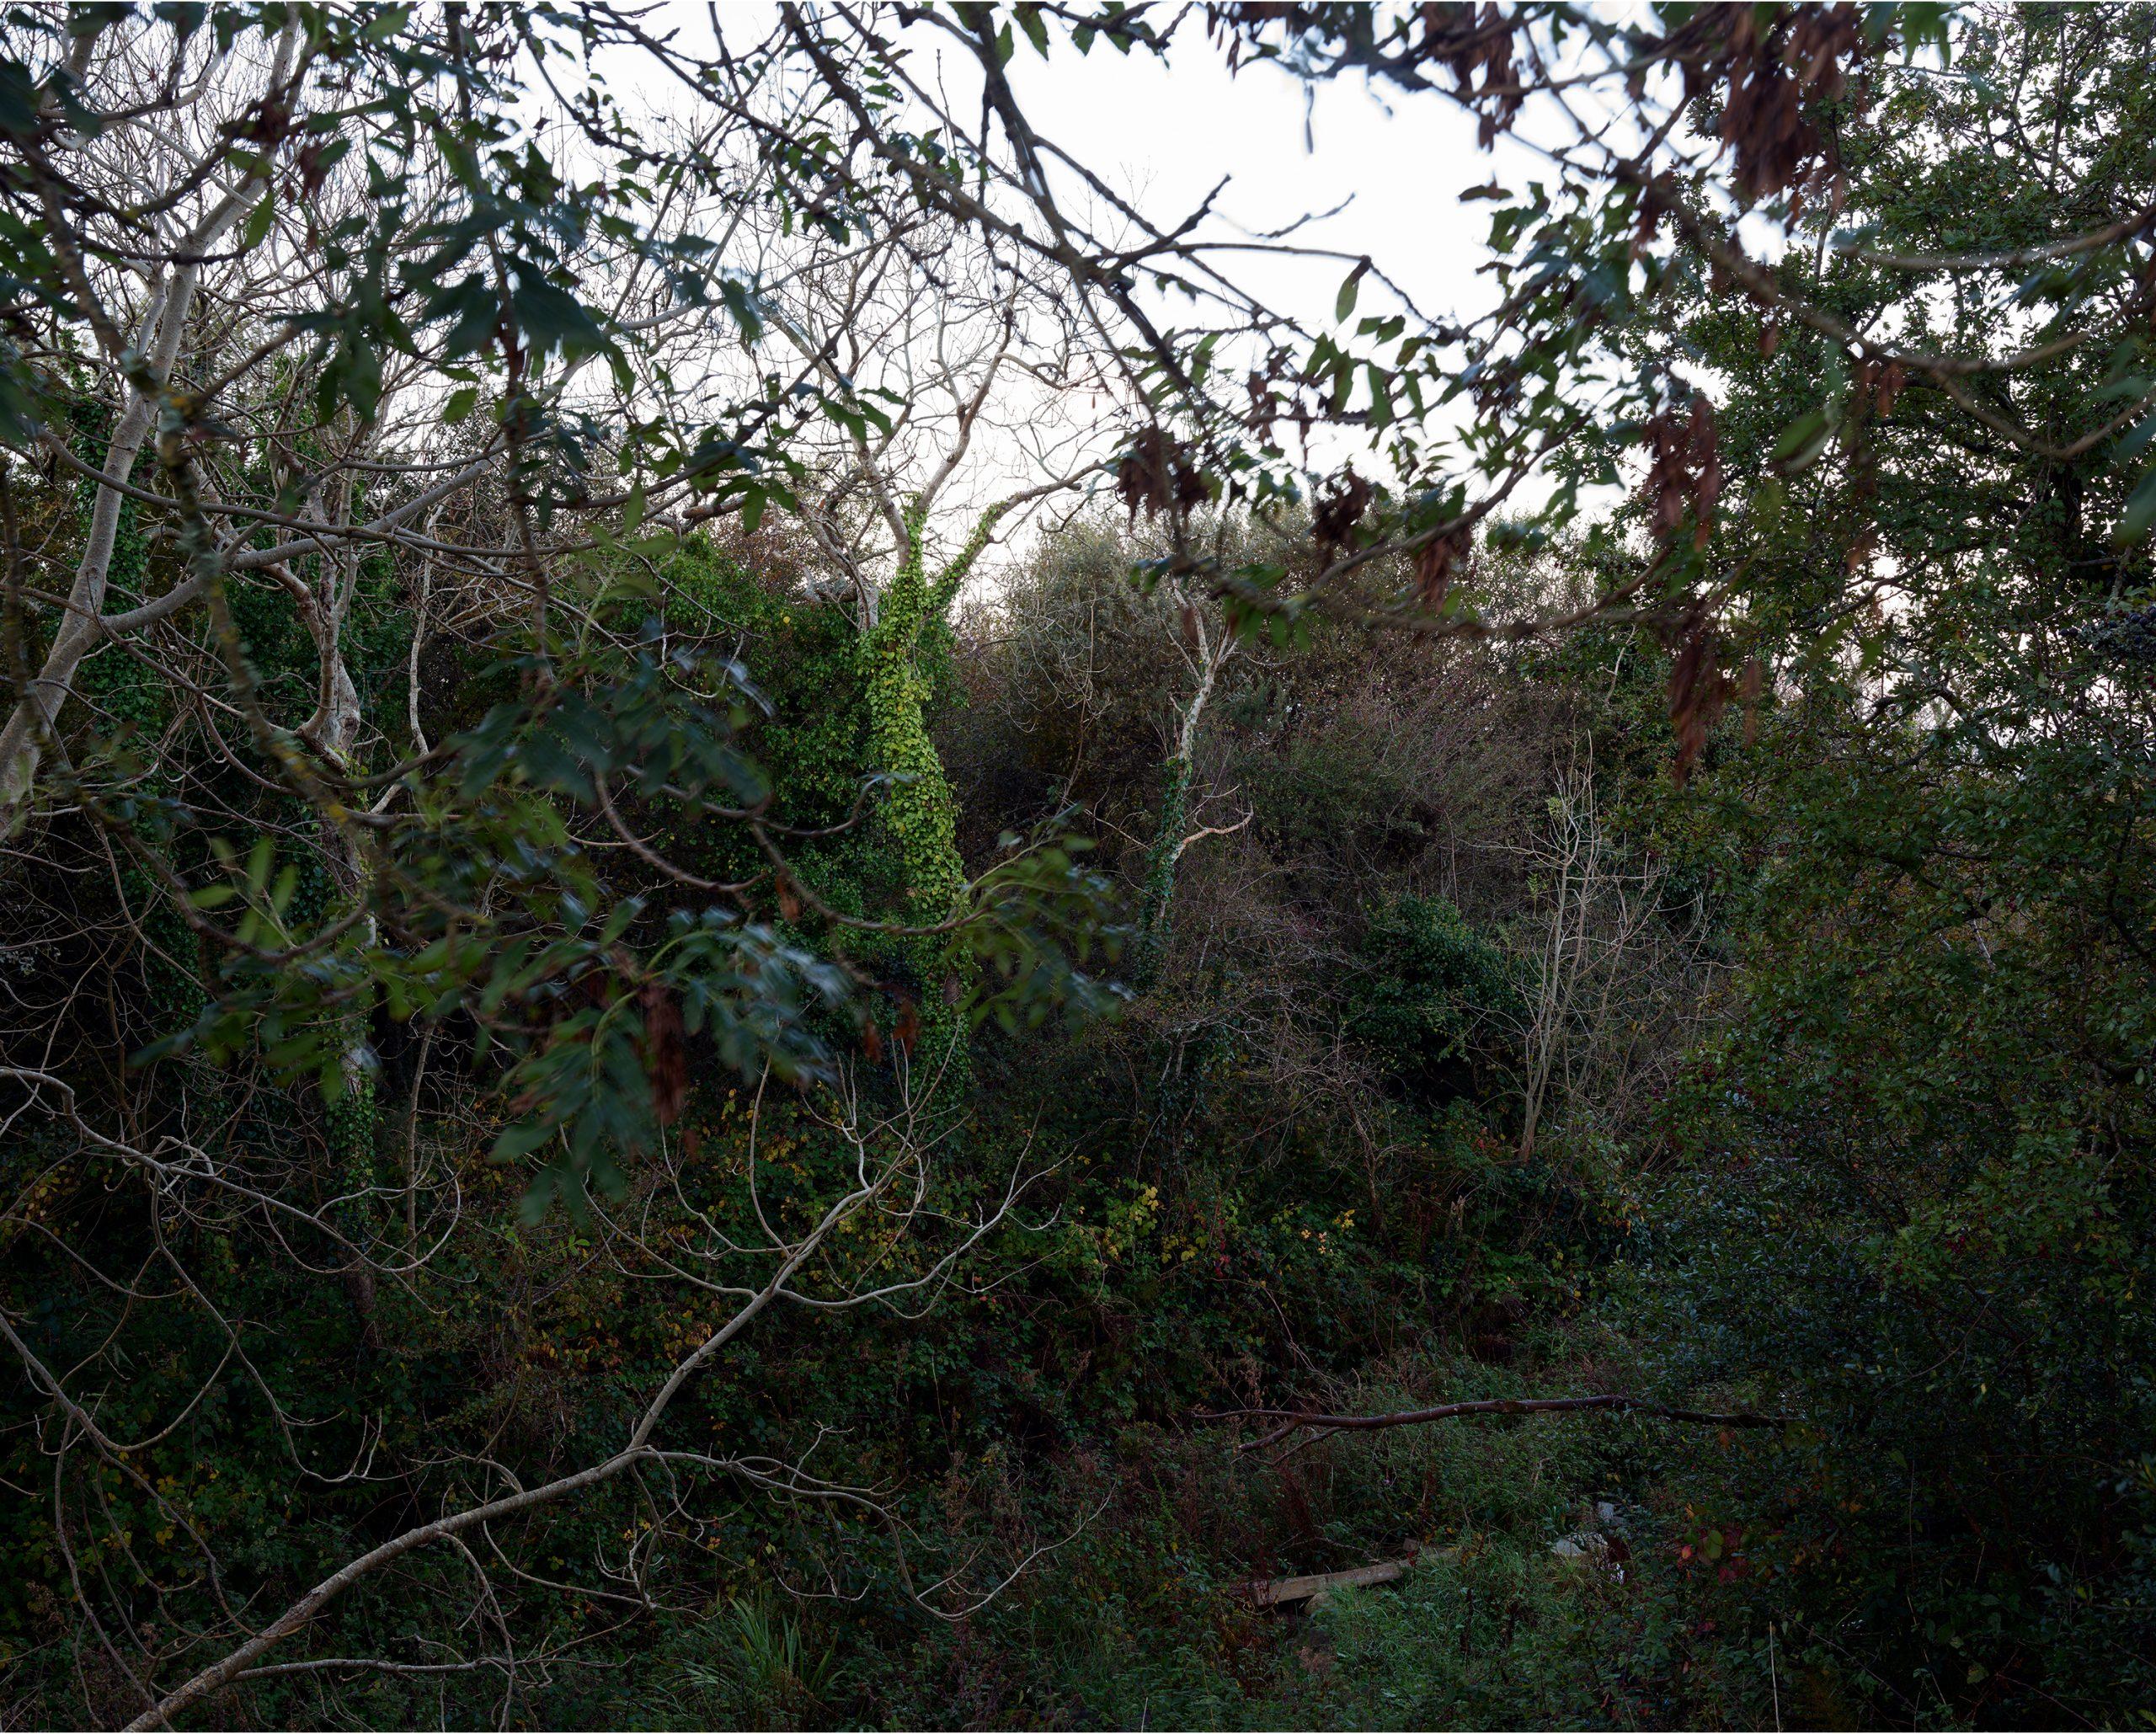 Tree dying of Ash Dieback